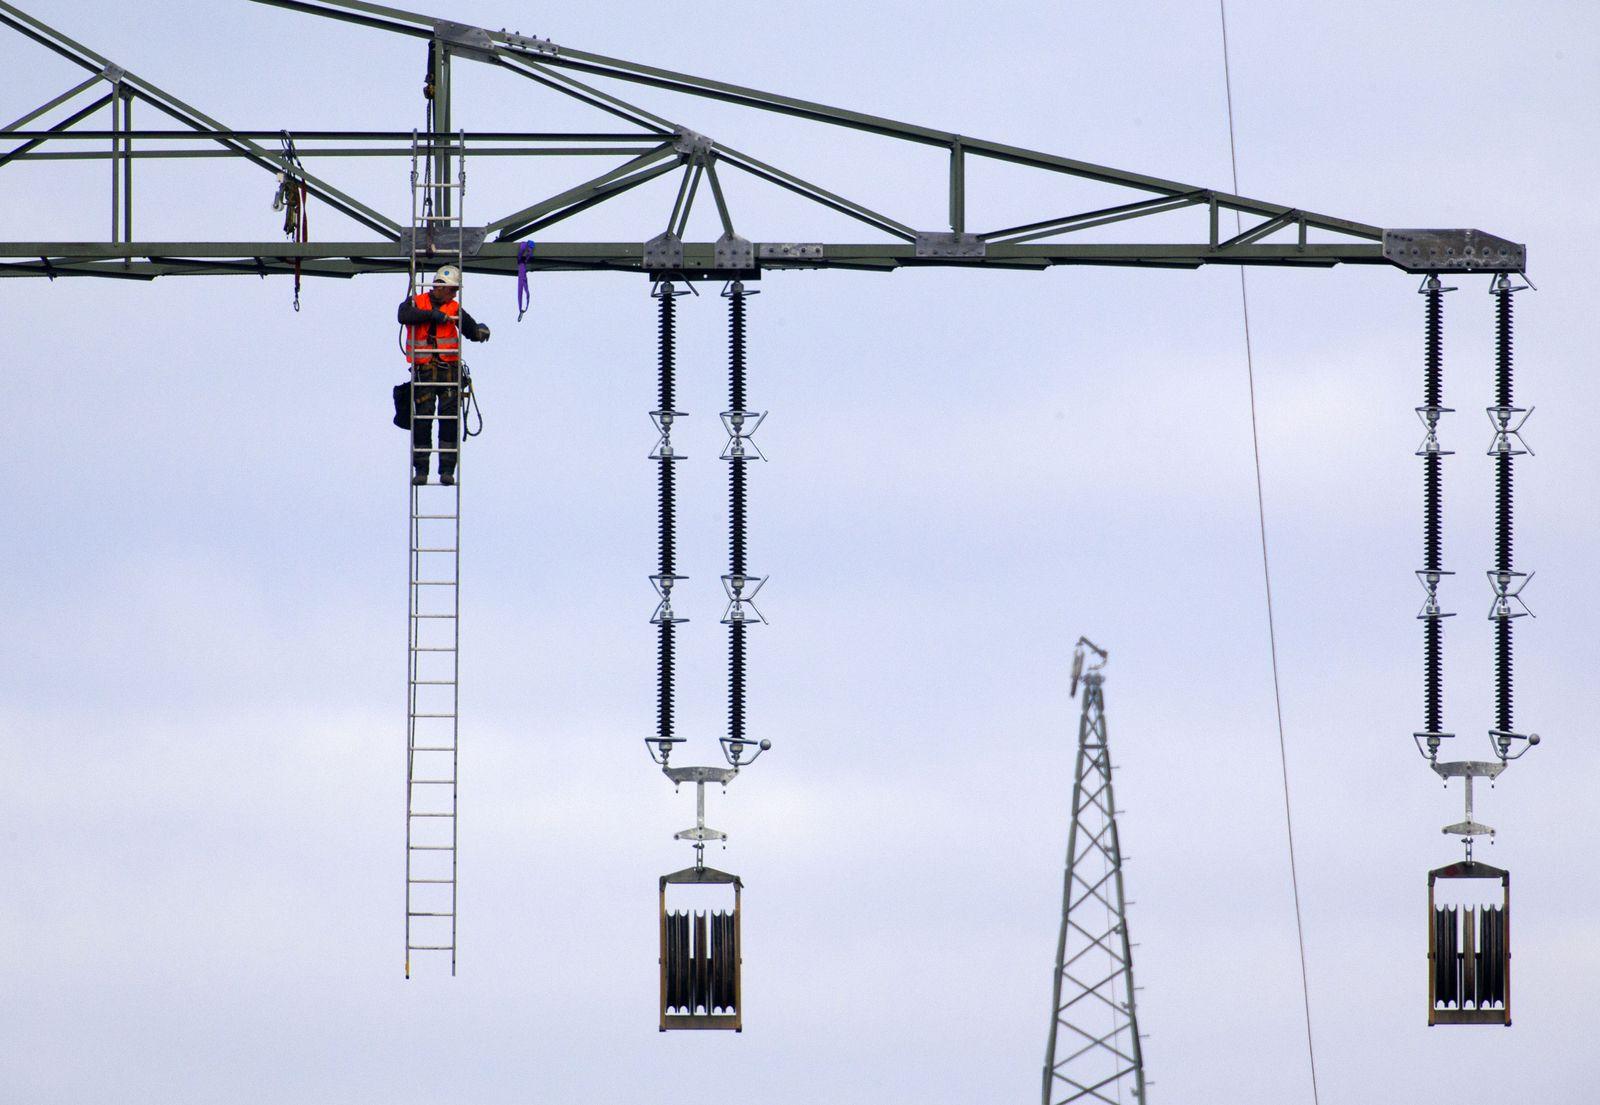 Helikopter zieht Leitungsseile für Stromtrasse